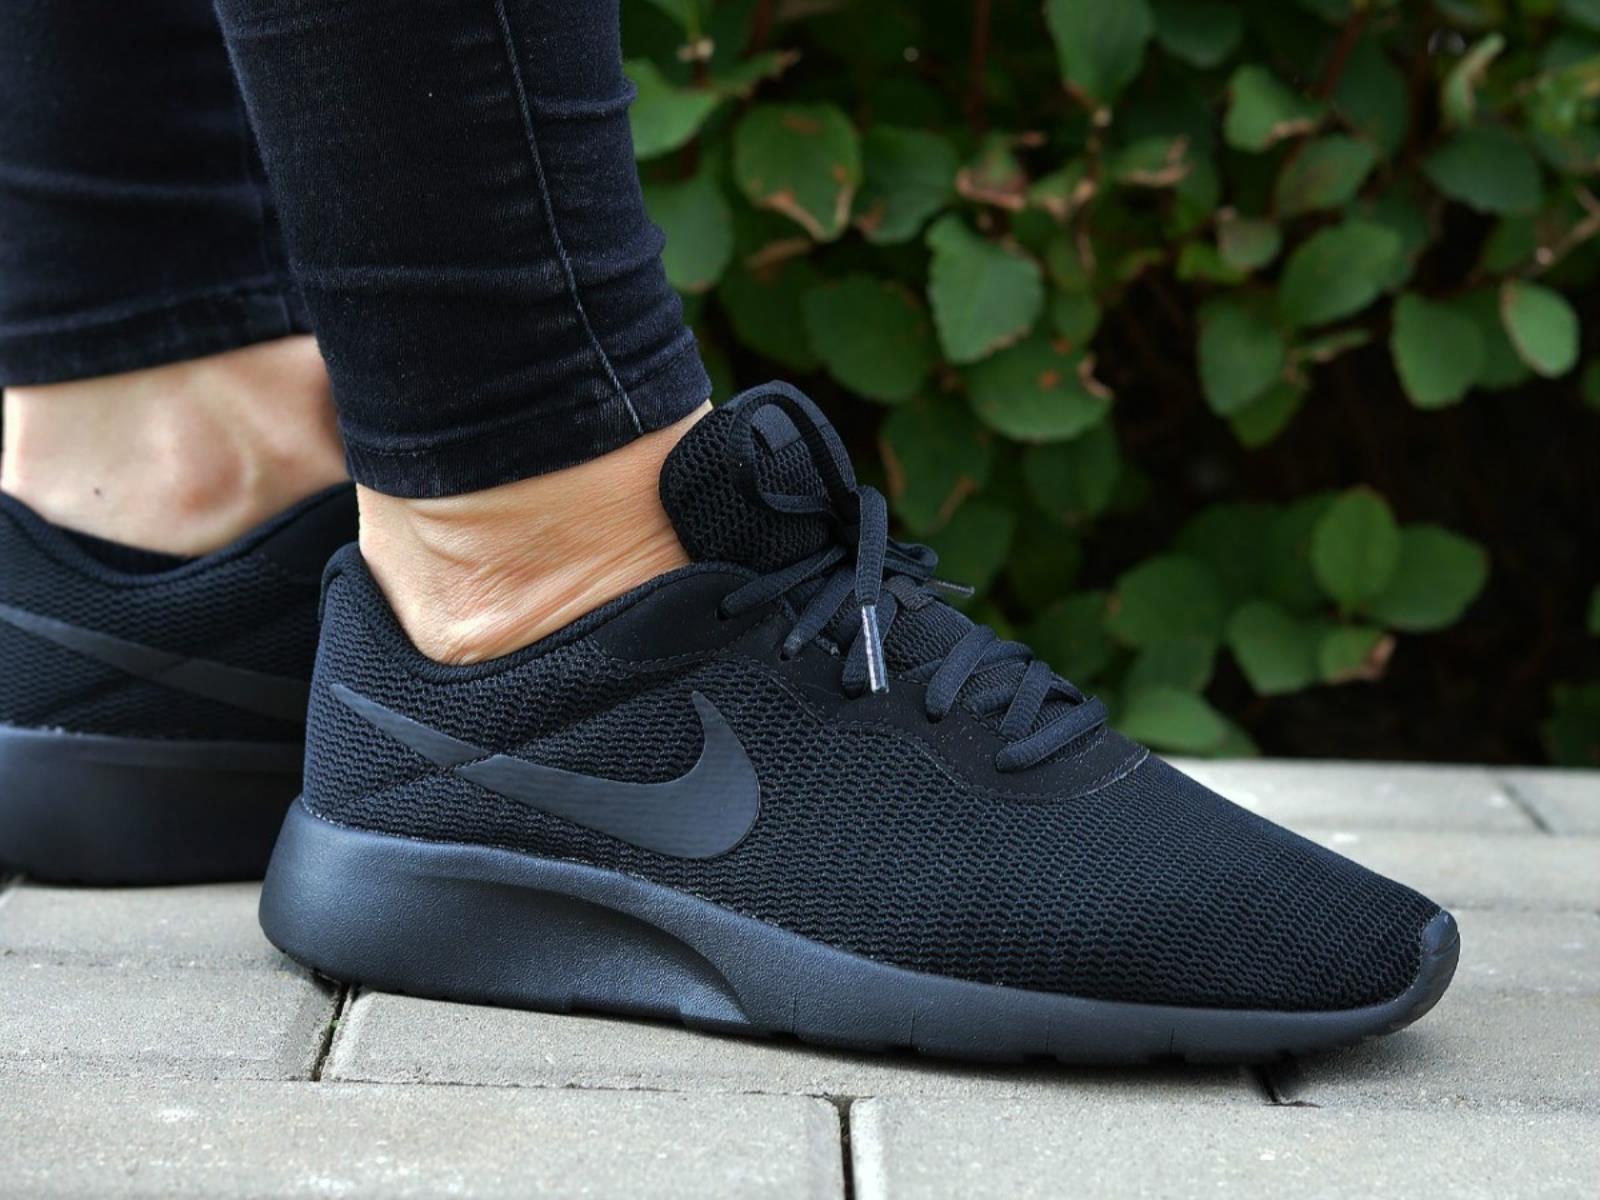 scarpe tanjun nike